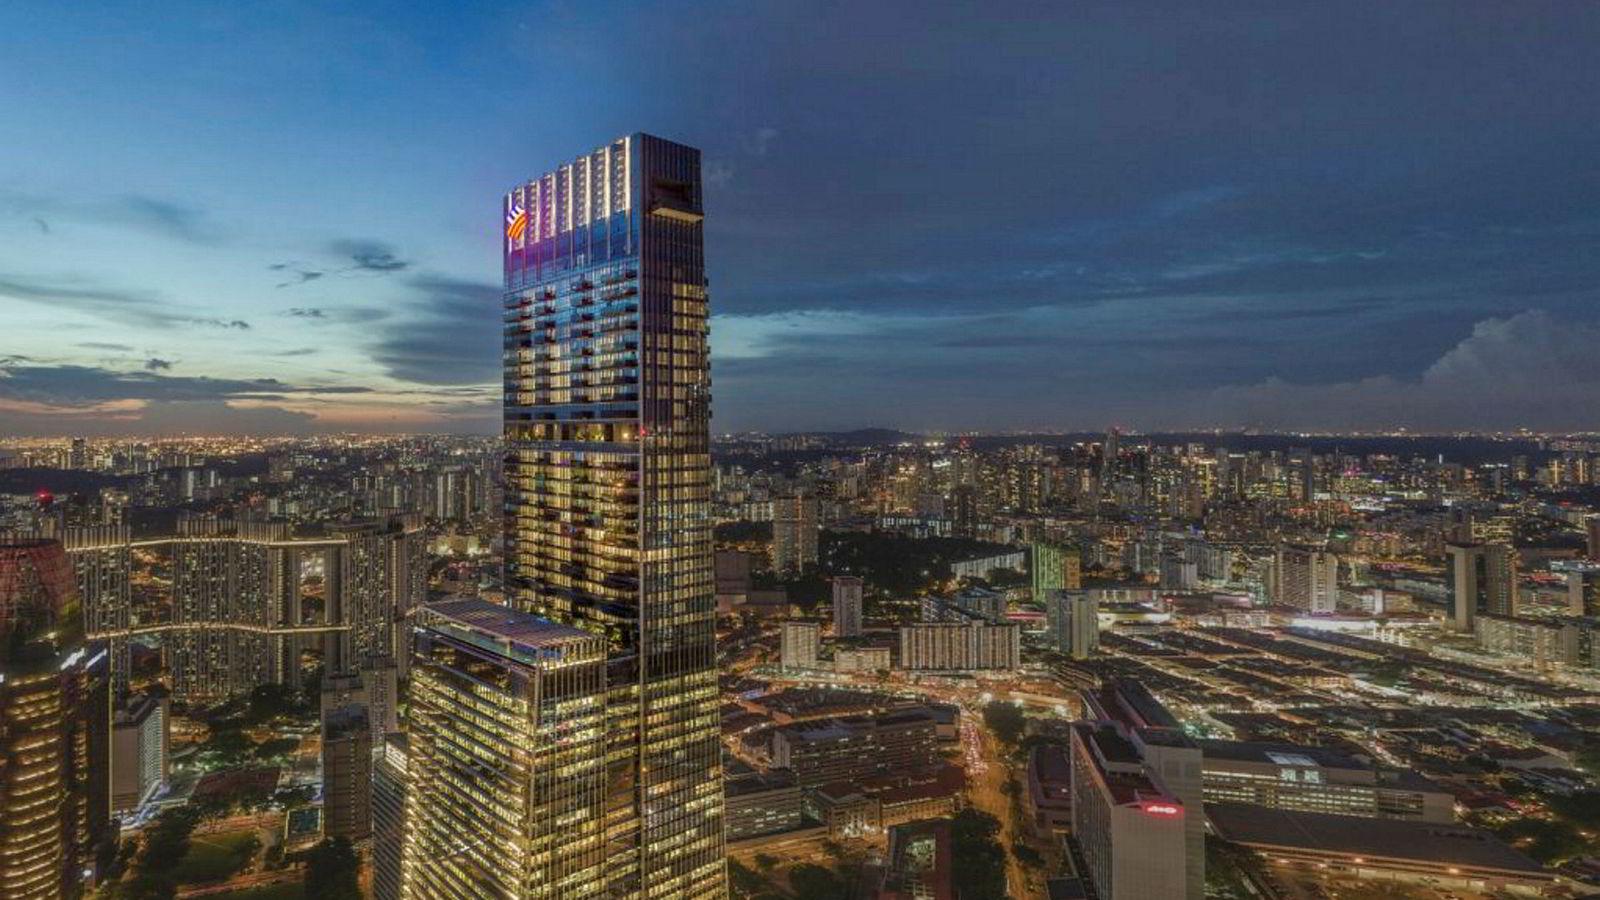 Luksusboligkomplekset Wallich Residence, del av hotell-og forretningsbygget som reiser seg i Tanjon Pagar Centre i Singapore, slik det vil se ut når fullført.